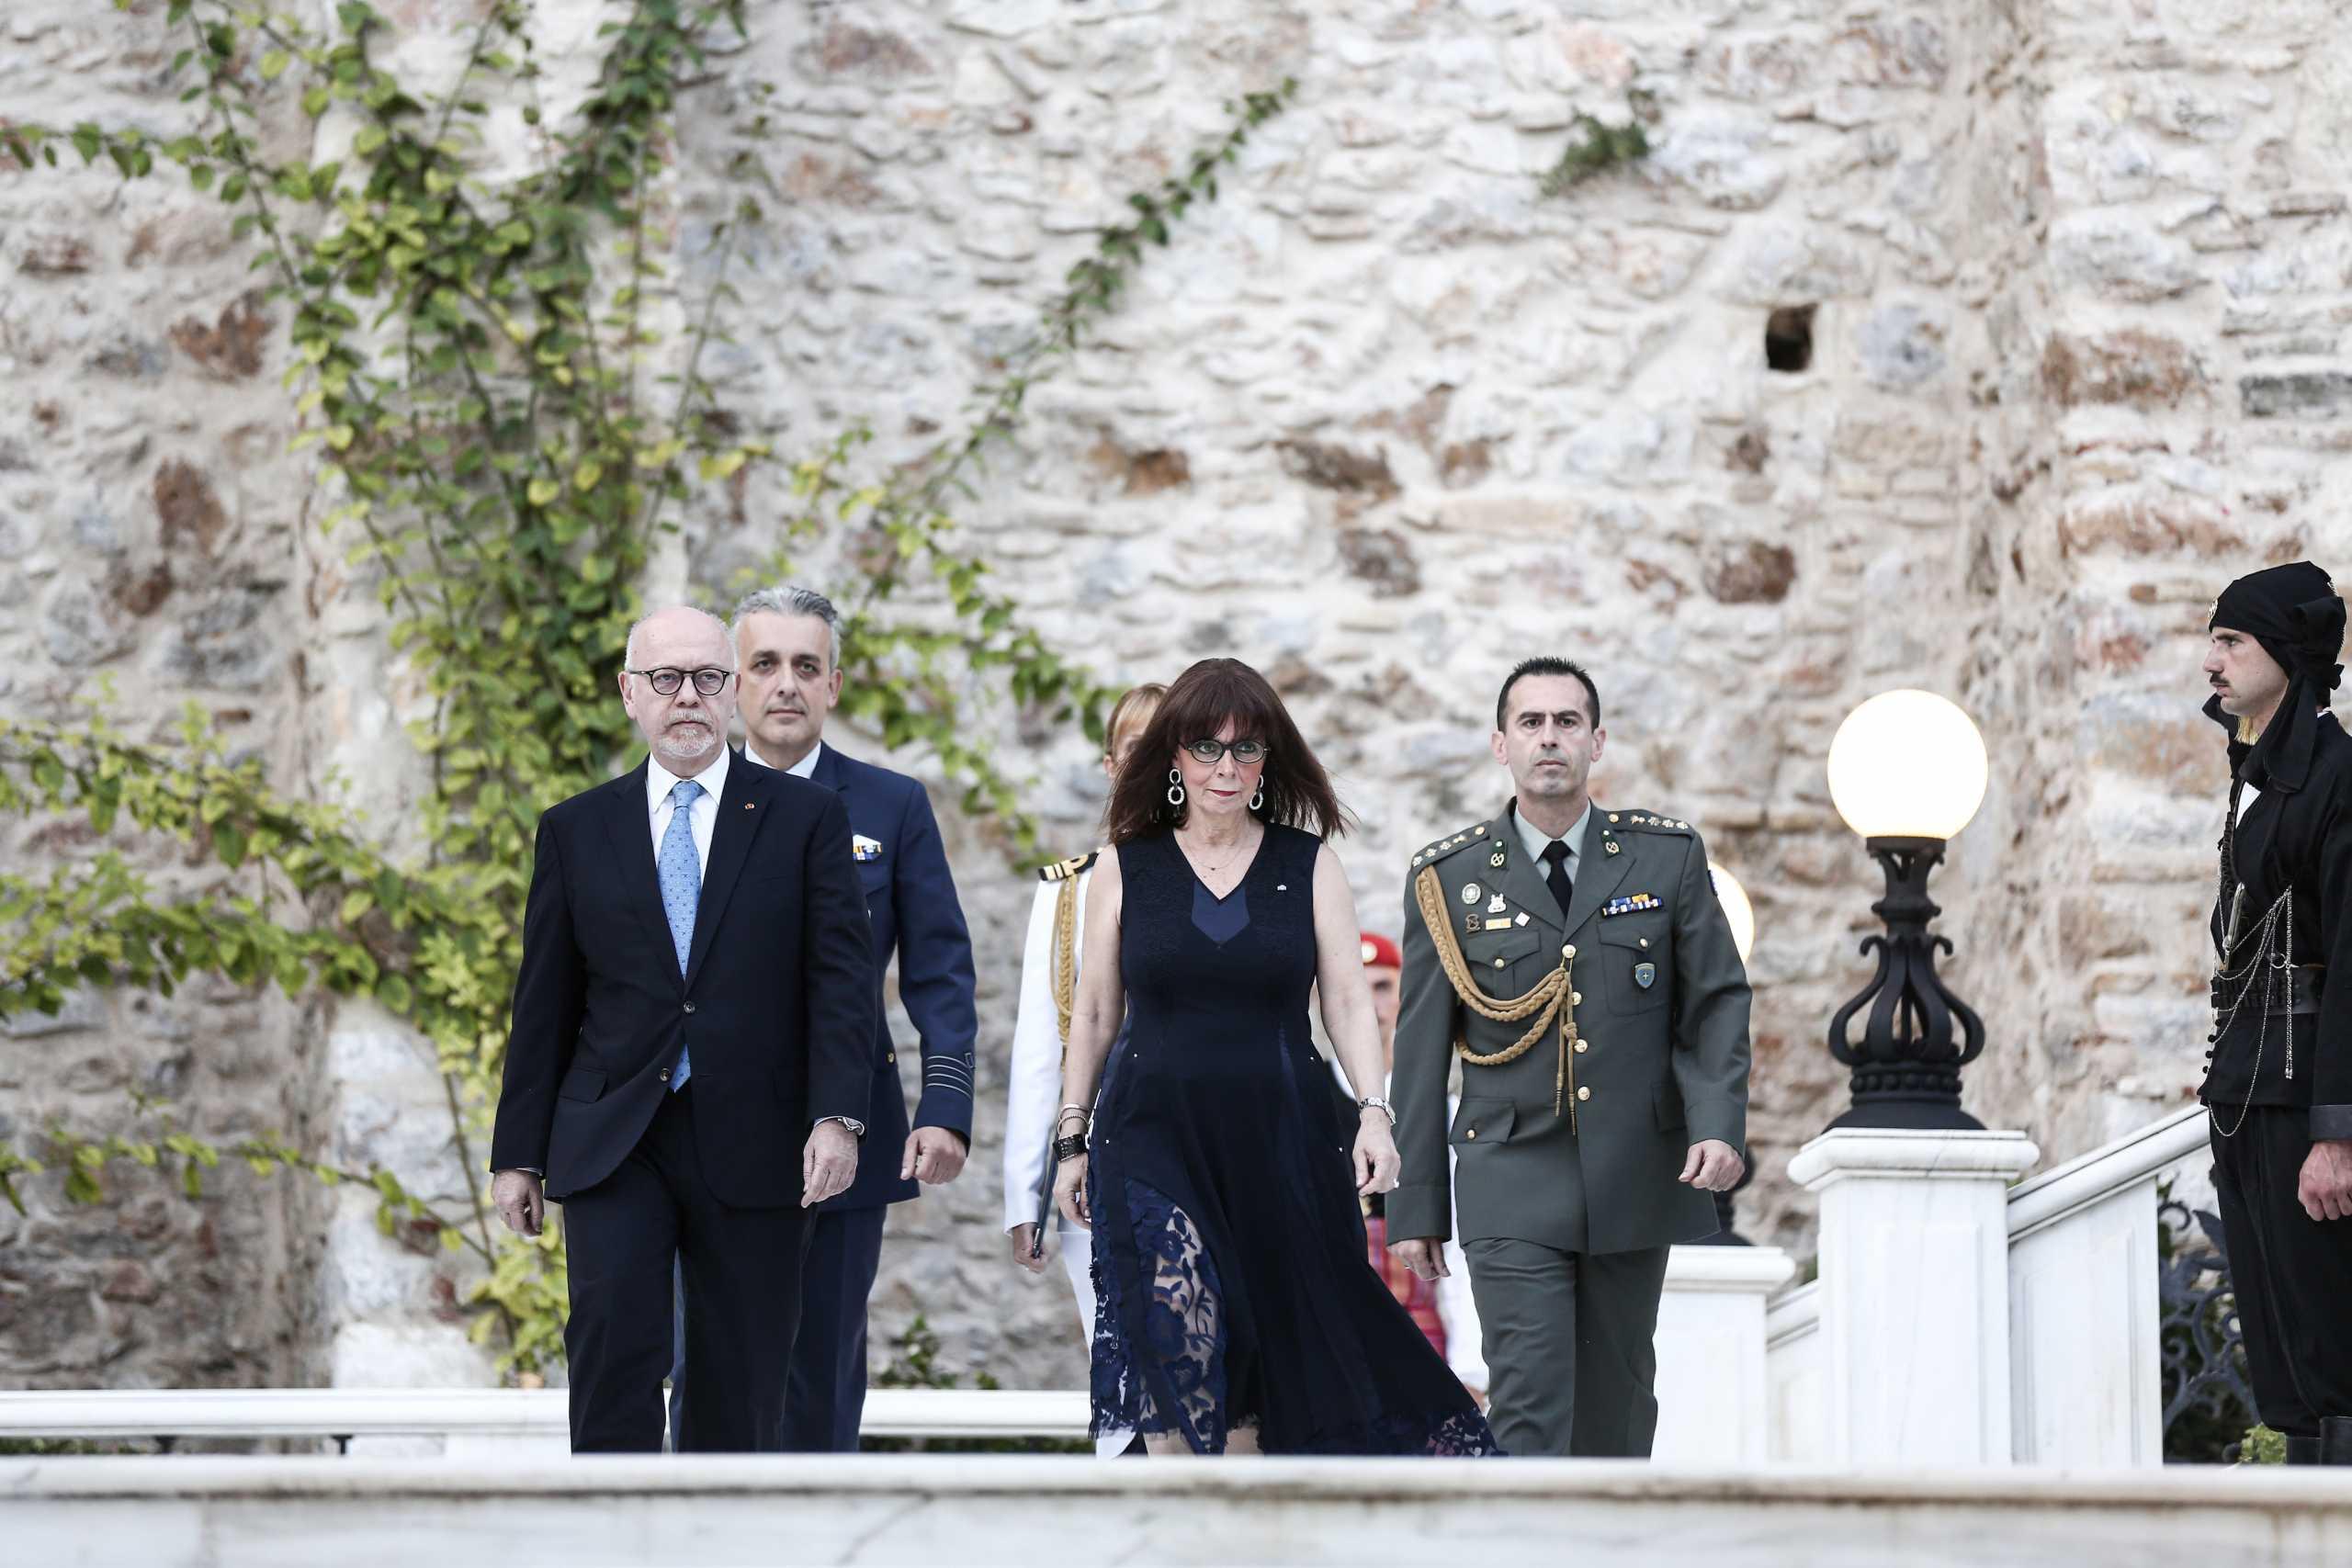 Δεξίωση στο Προεδρικό με PCR – Μάγδα Φύσσα, Σταυρούλα Αξαρλιάν, Σοφία Μπεκατώρου μεταξύ των καλεσμένων